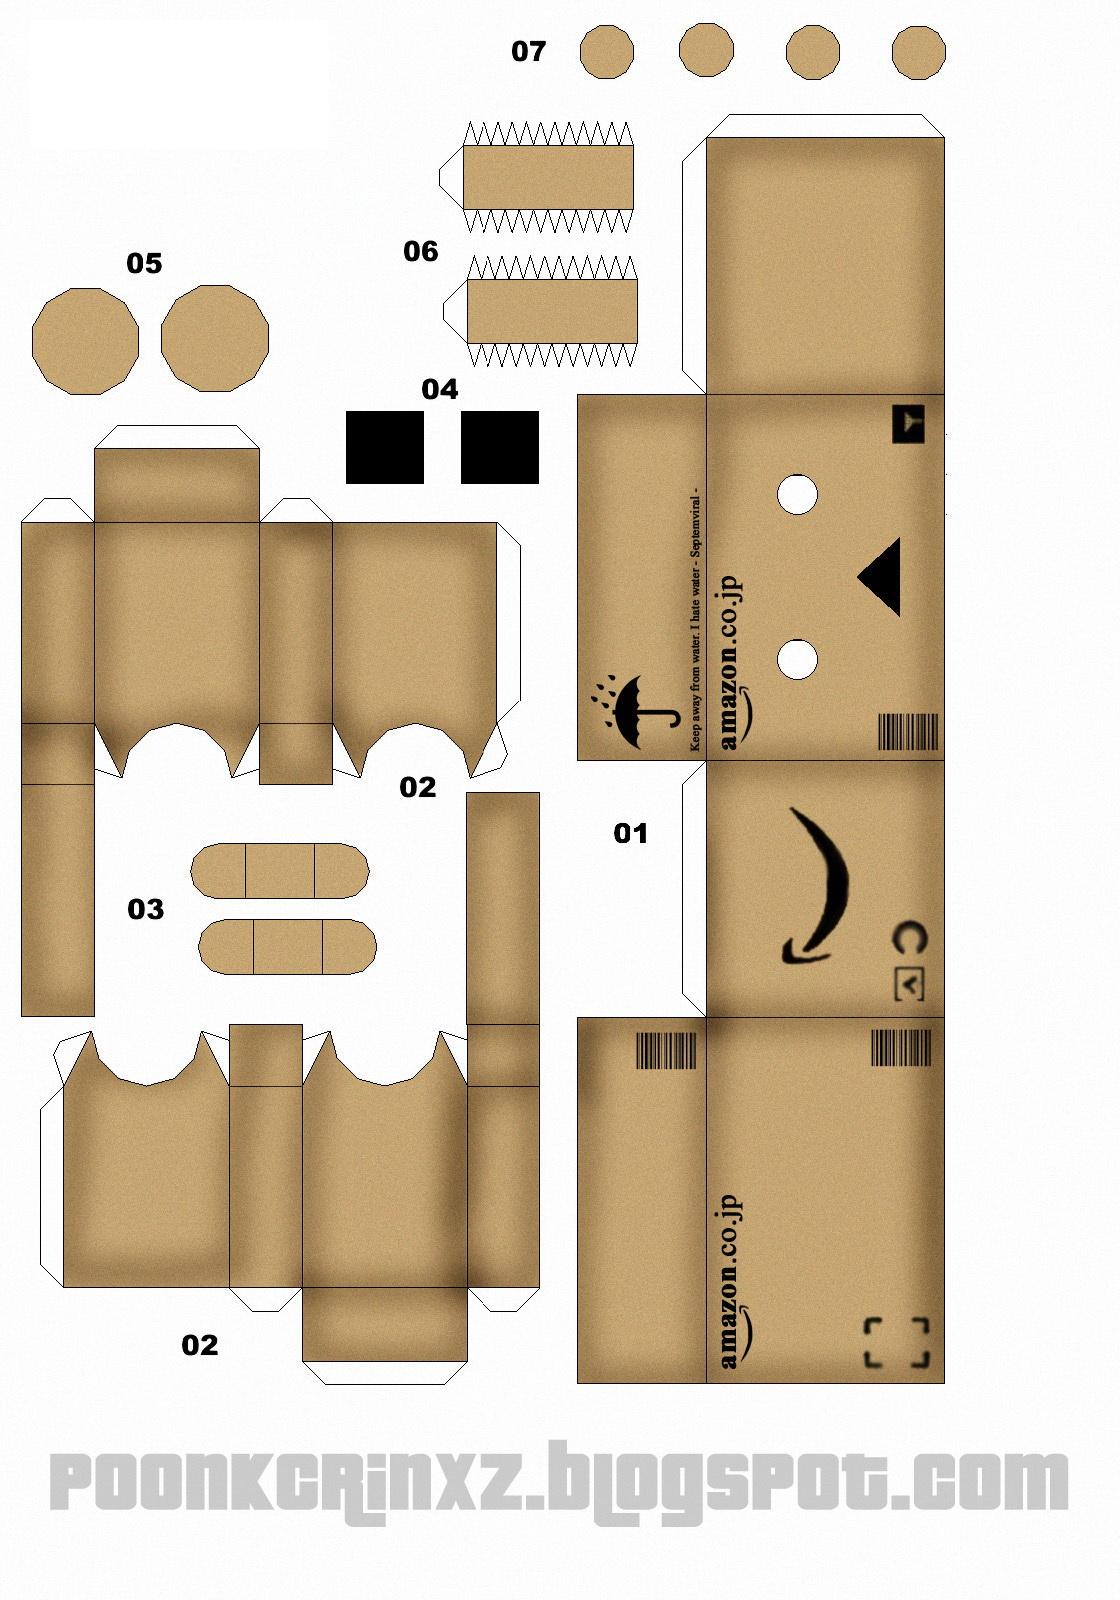 langkah-langkah membuat boneka kotak doraemon/danbo: